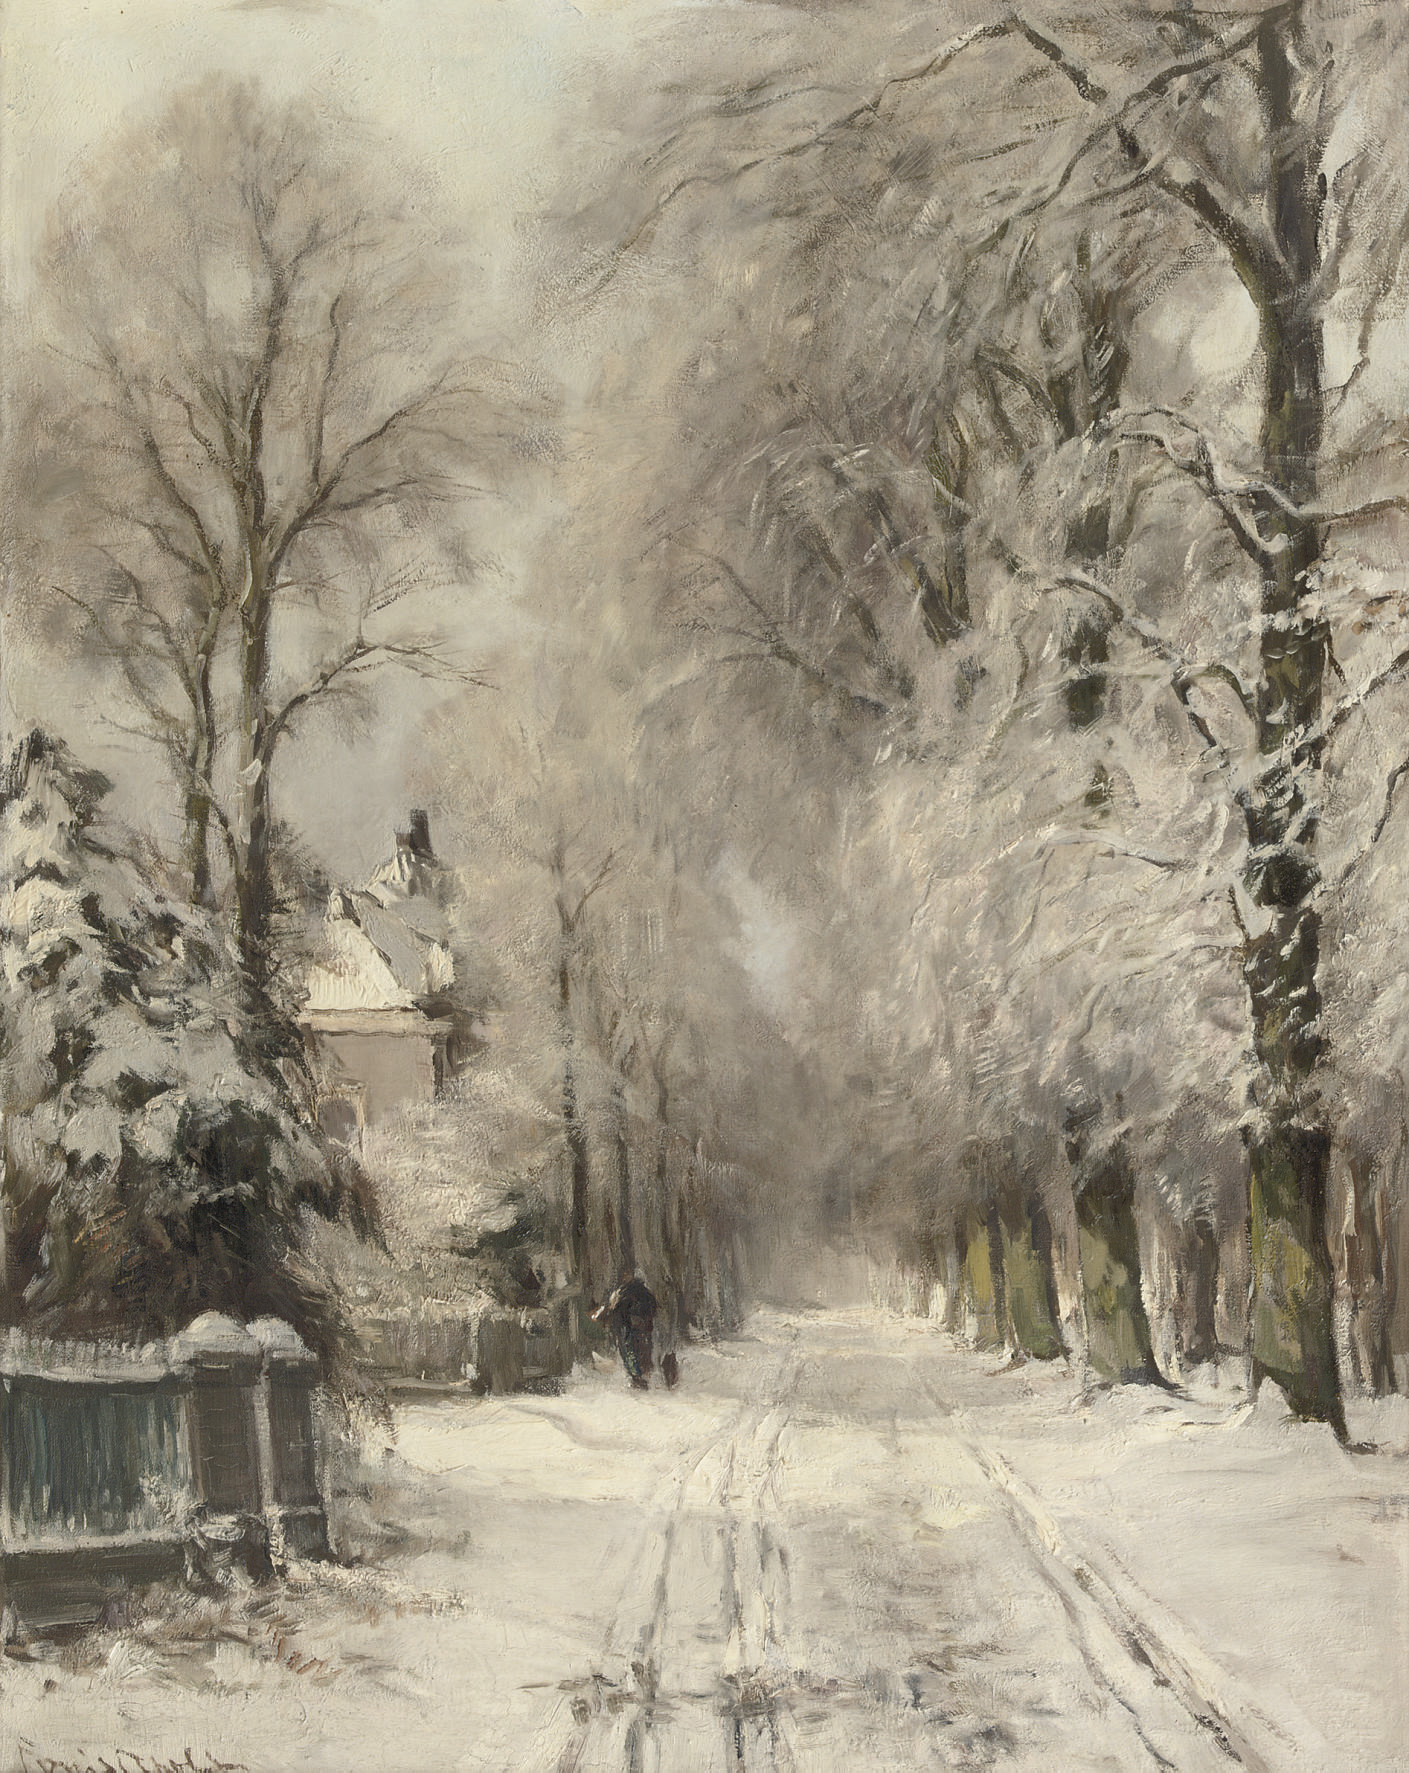 Wandering along a snowy lane